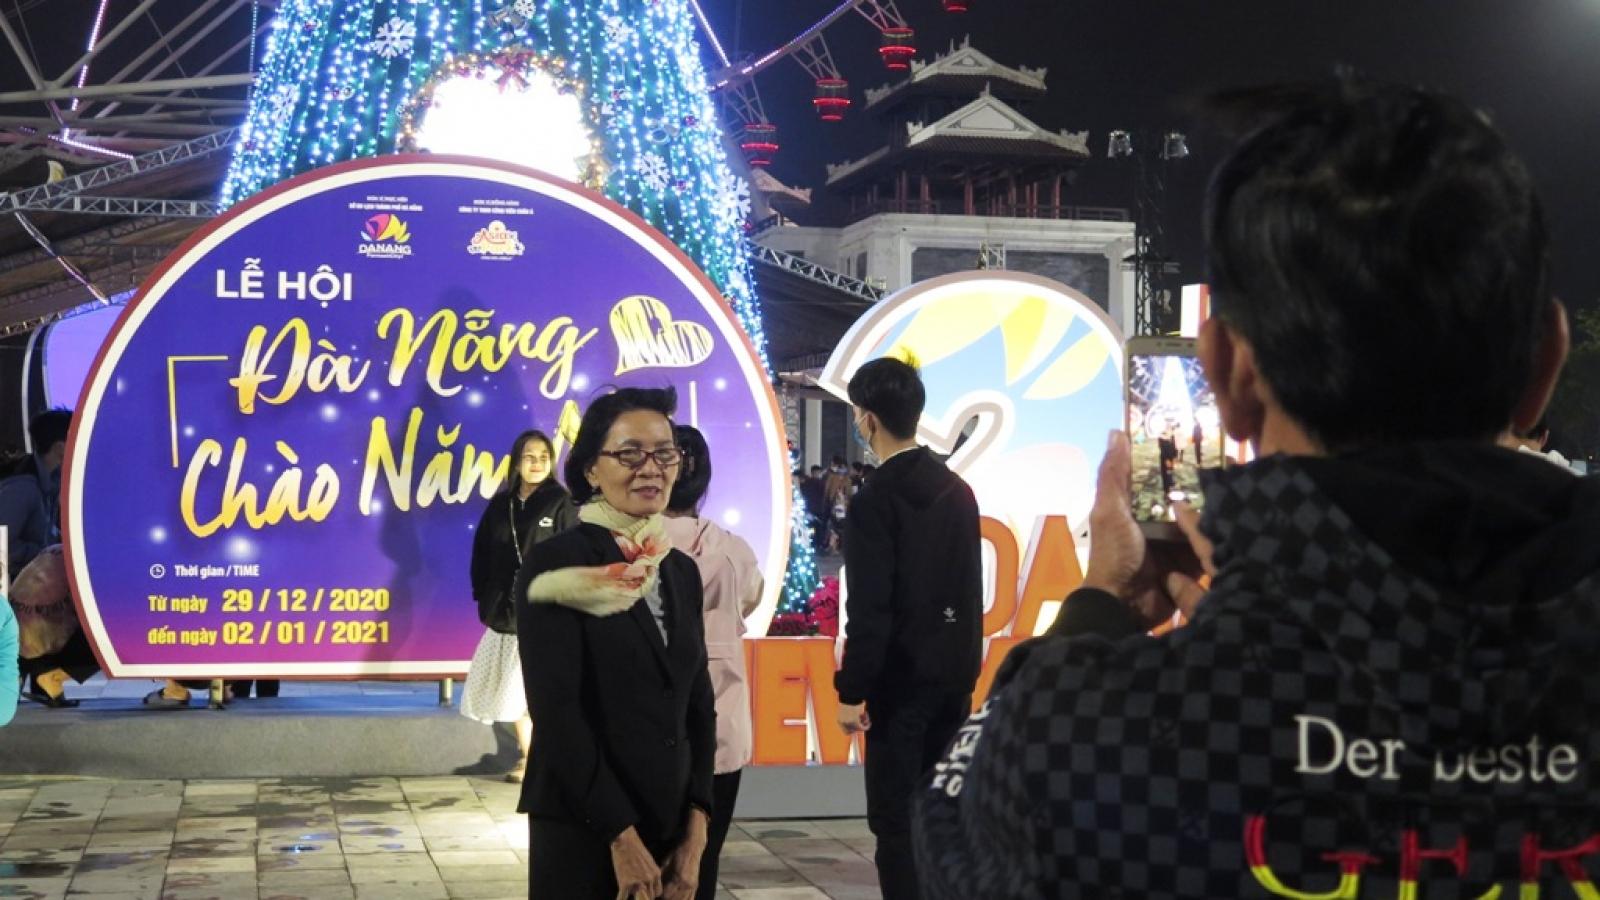 Từng bừng khai mạc Lễ hội Đà Nẵng chào năm mới 2021